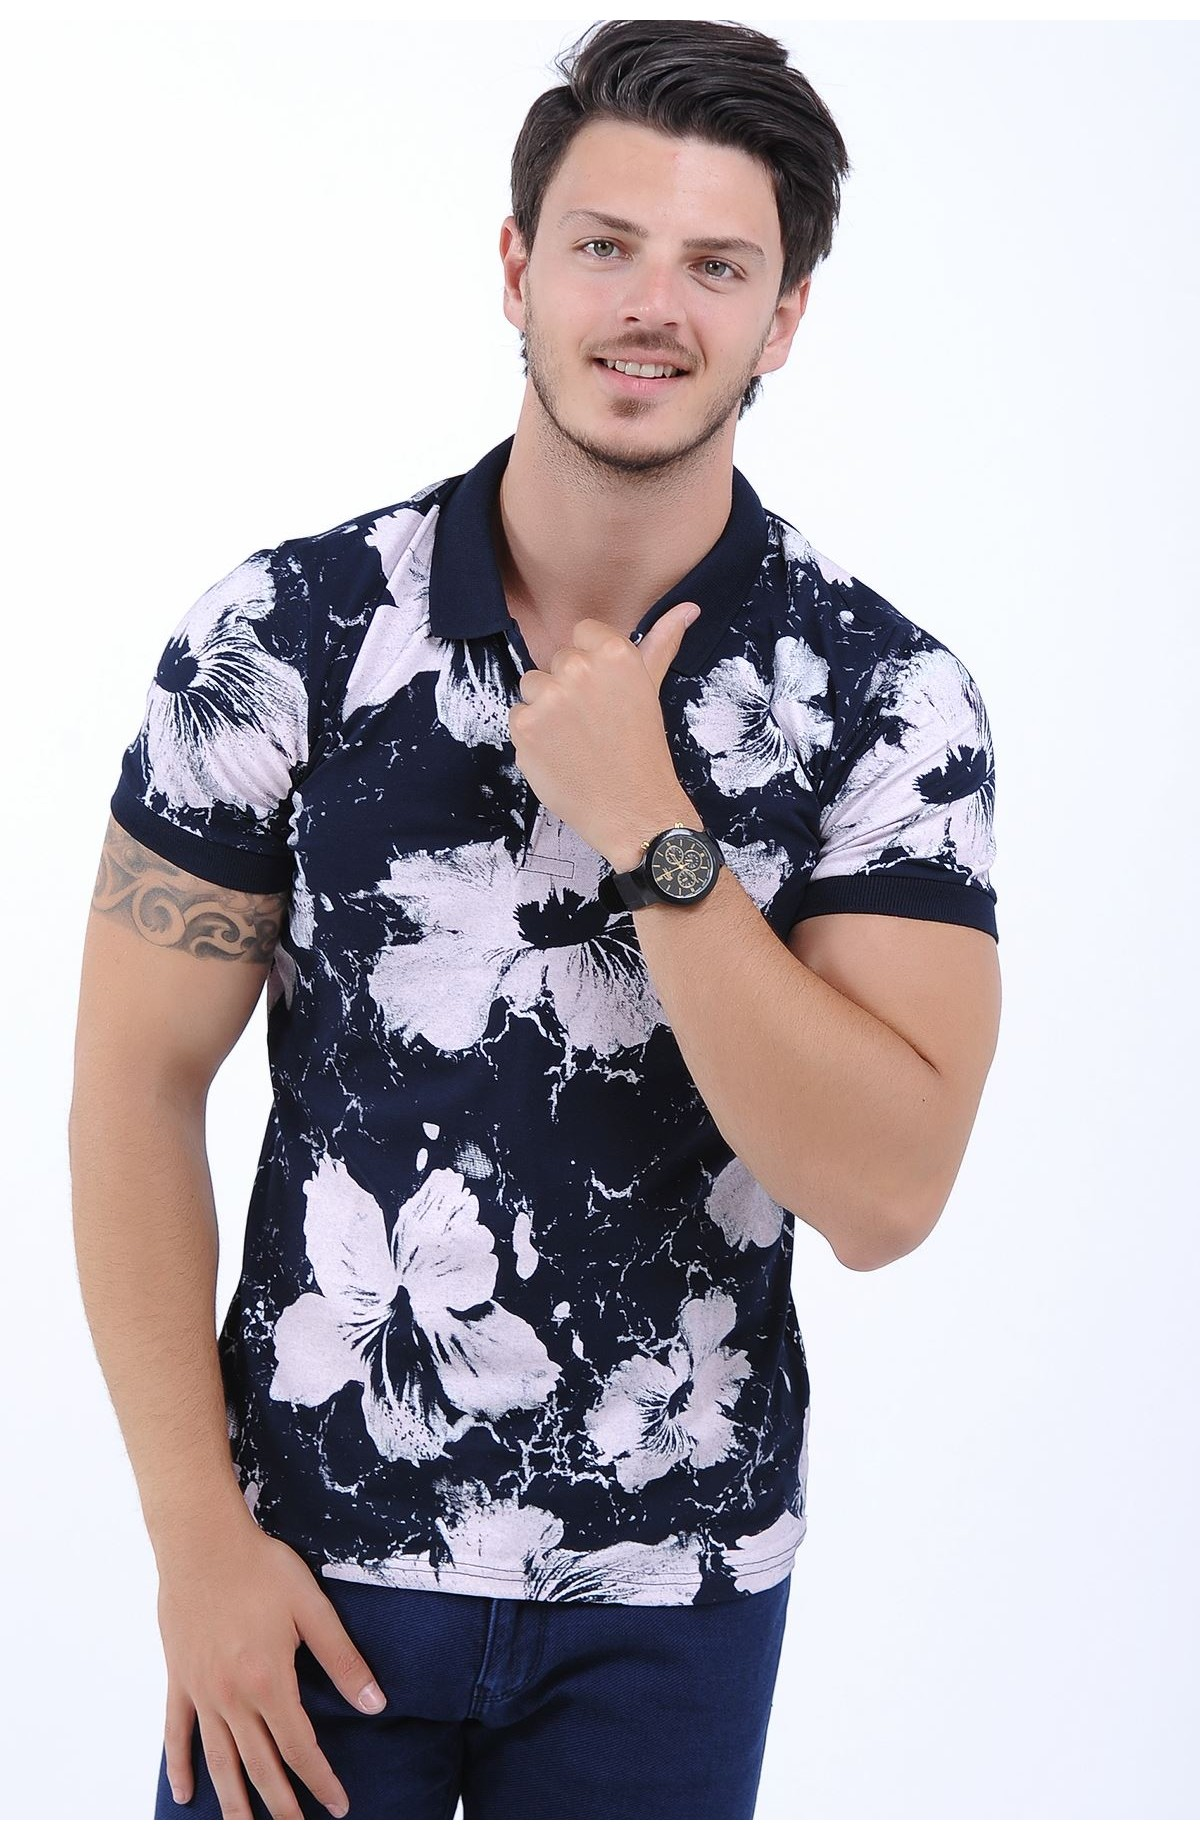 فروش تیشرت جدید گل گلی مردانه آستین بلند ۹۸